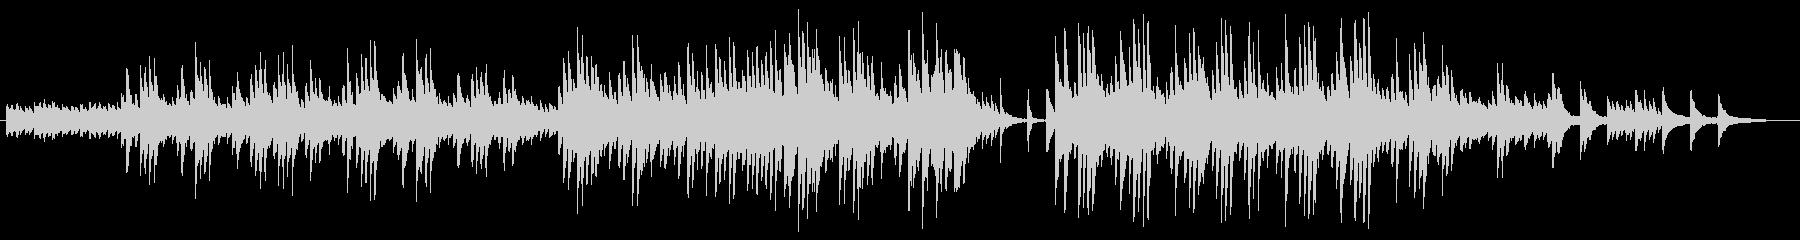 切なく胸に迫るピアノバラードの未再生の波形